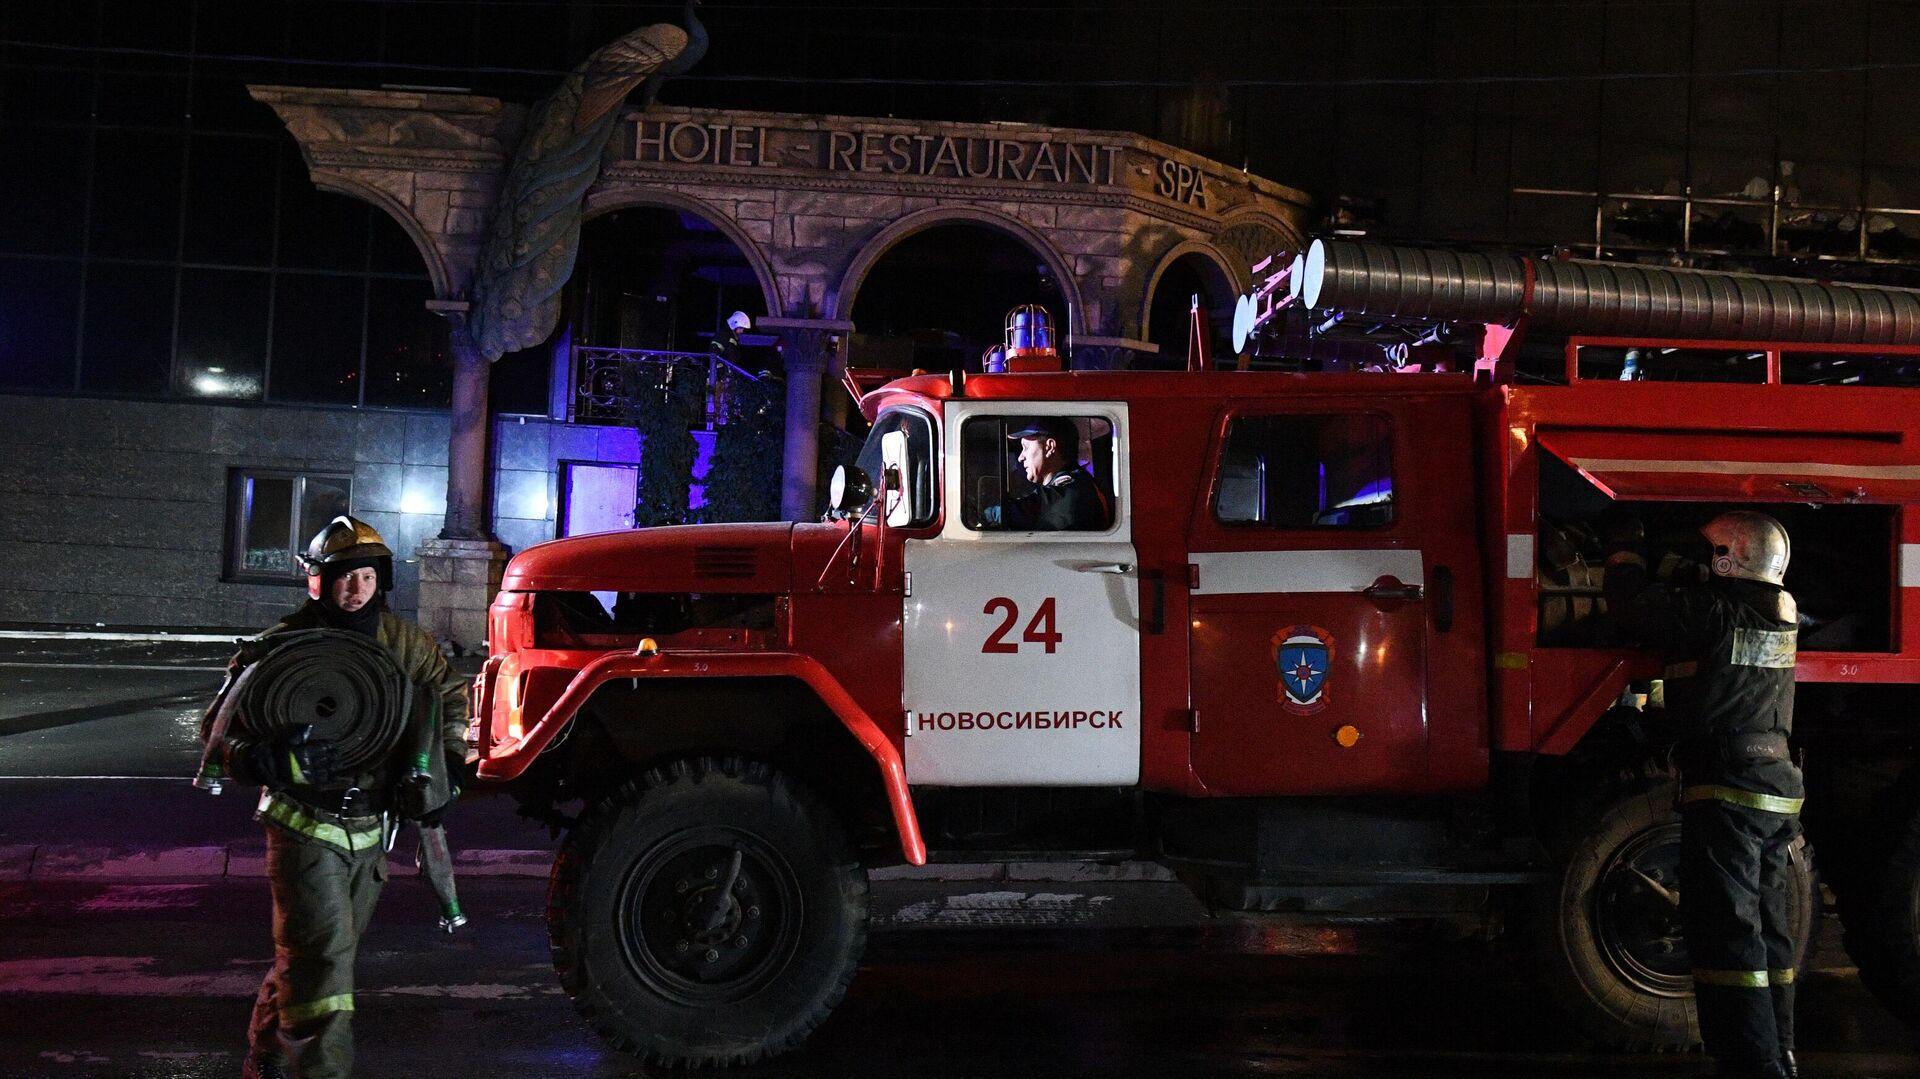 Пожарные во время тушения пожара в здании гостиничного комплекса Император в Новосибирске - РИА Новости, 1920, 30.09.2020